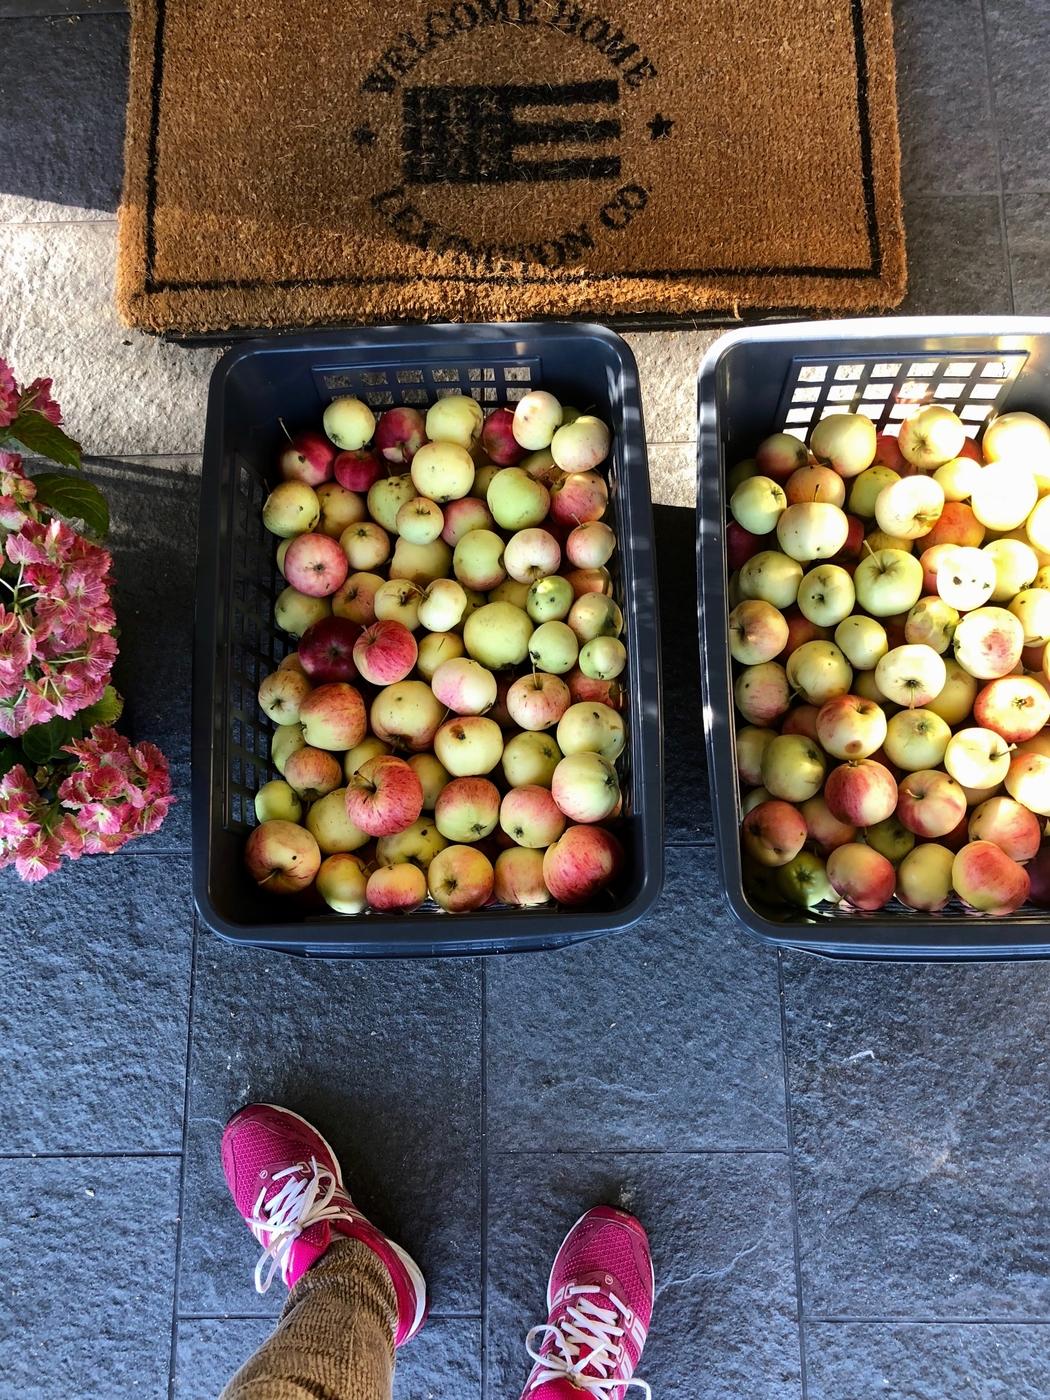 Omenoiden matka kotoa mehustamoon.jpg